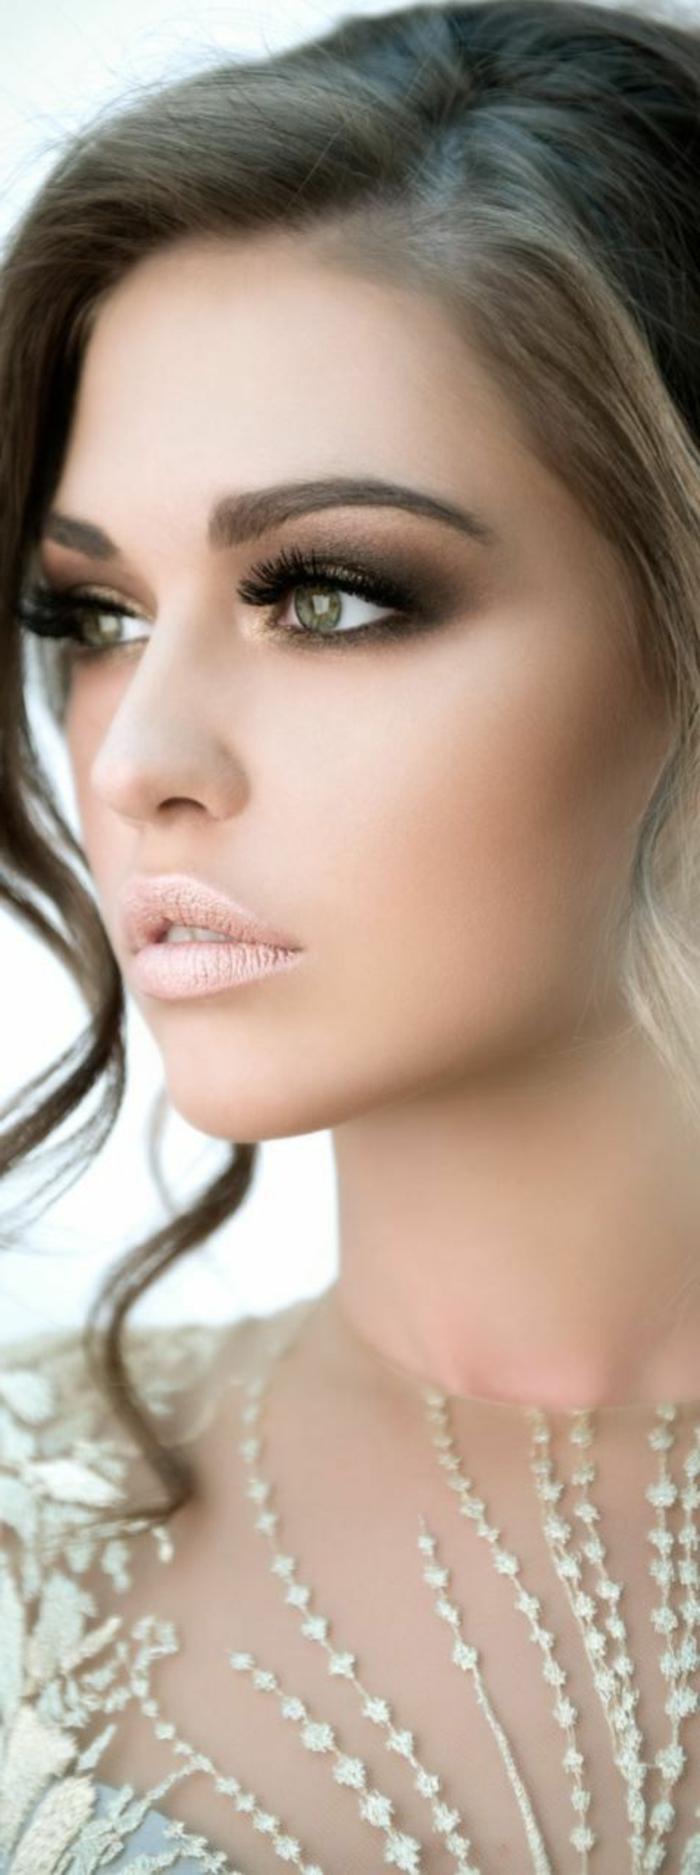 ojos-ahumados-linda-mujer-ojos-verdes-maquillaje-tonos-verdes-y-marrones